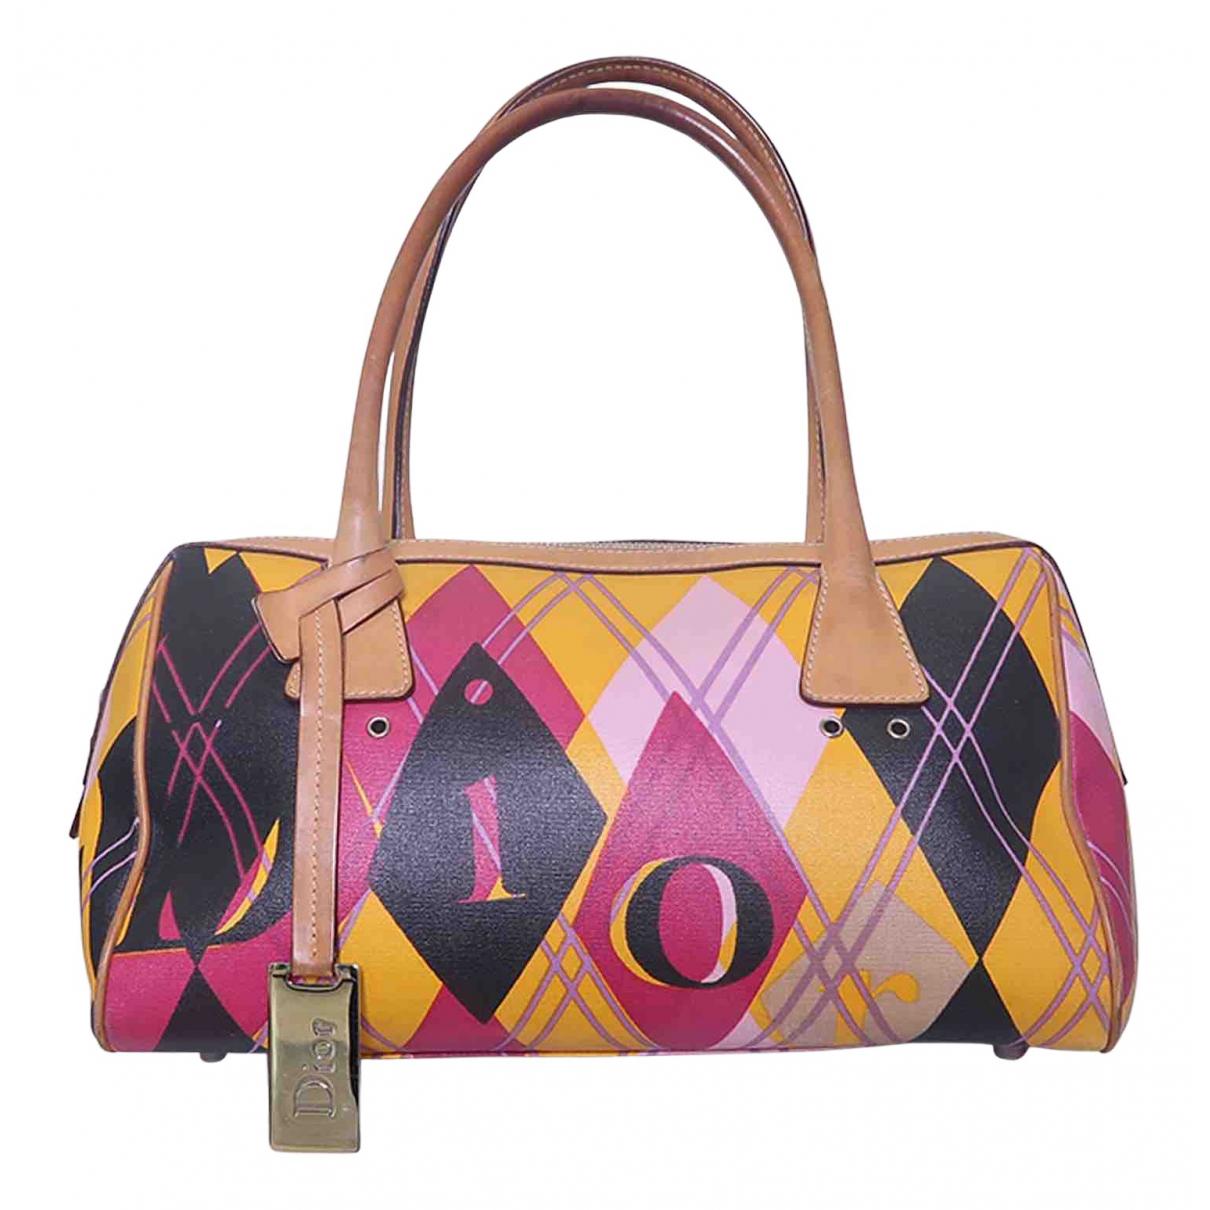 Dior \N Handtasche in  Bunt Leinen